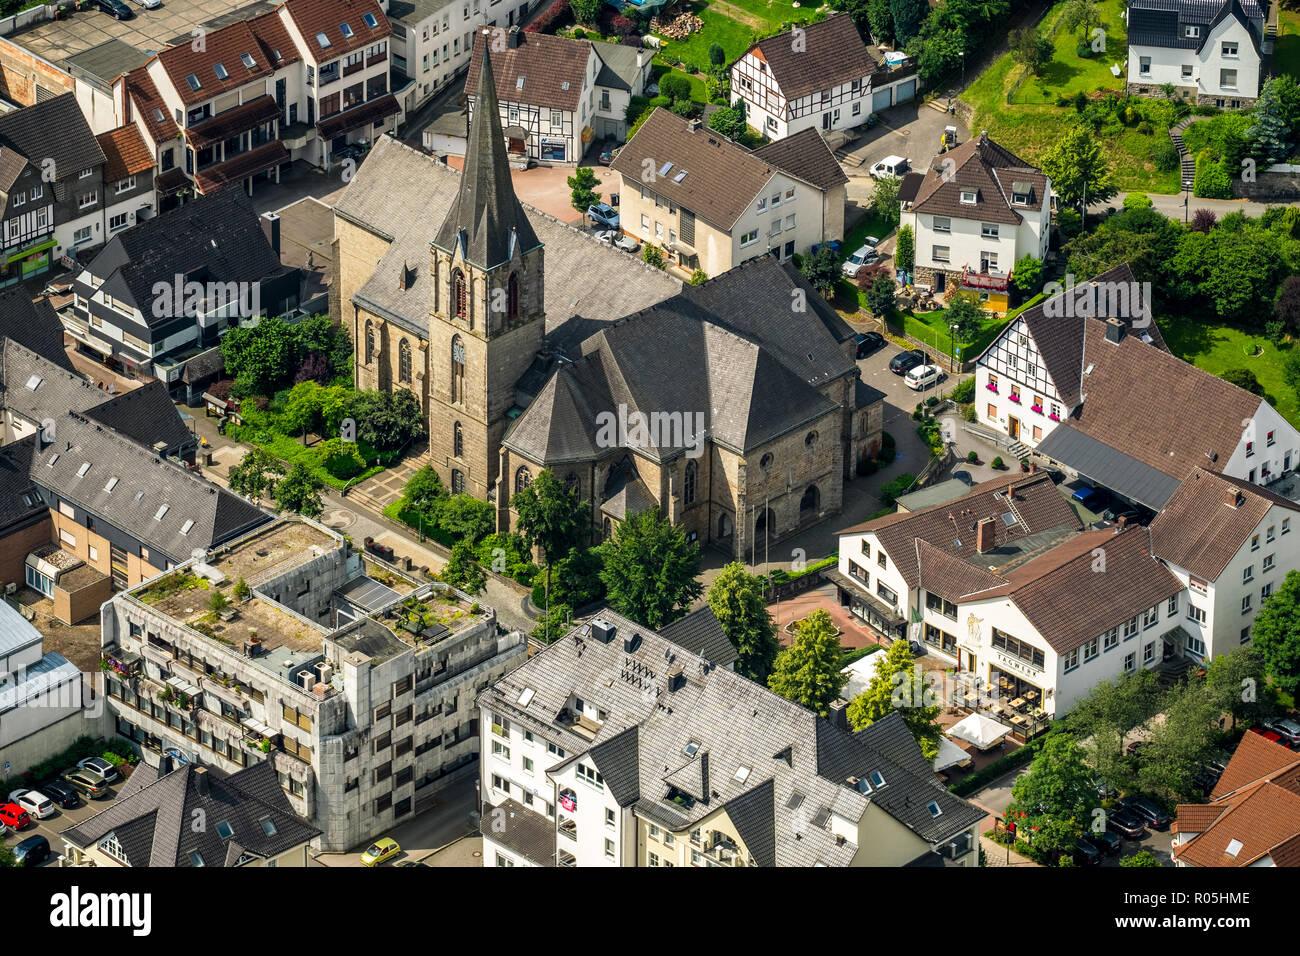 Aerial view, St. Johannes Church Sundern, city center, main street, Jostes Gäßchen, financial district, Sundern, Sauerland, North Rhine-Westphalia, Ge - Stock Image